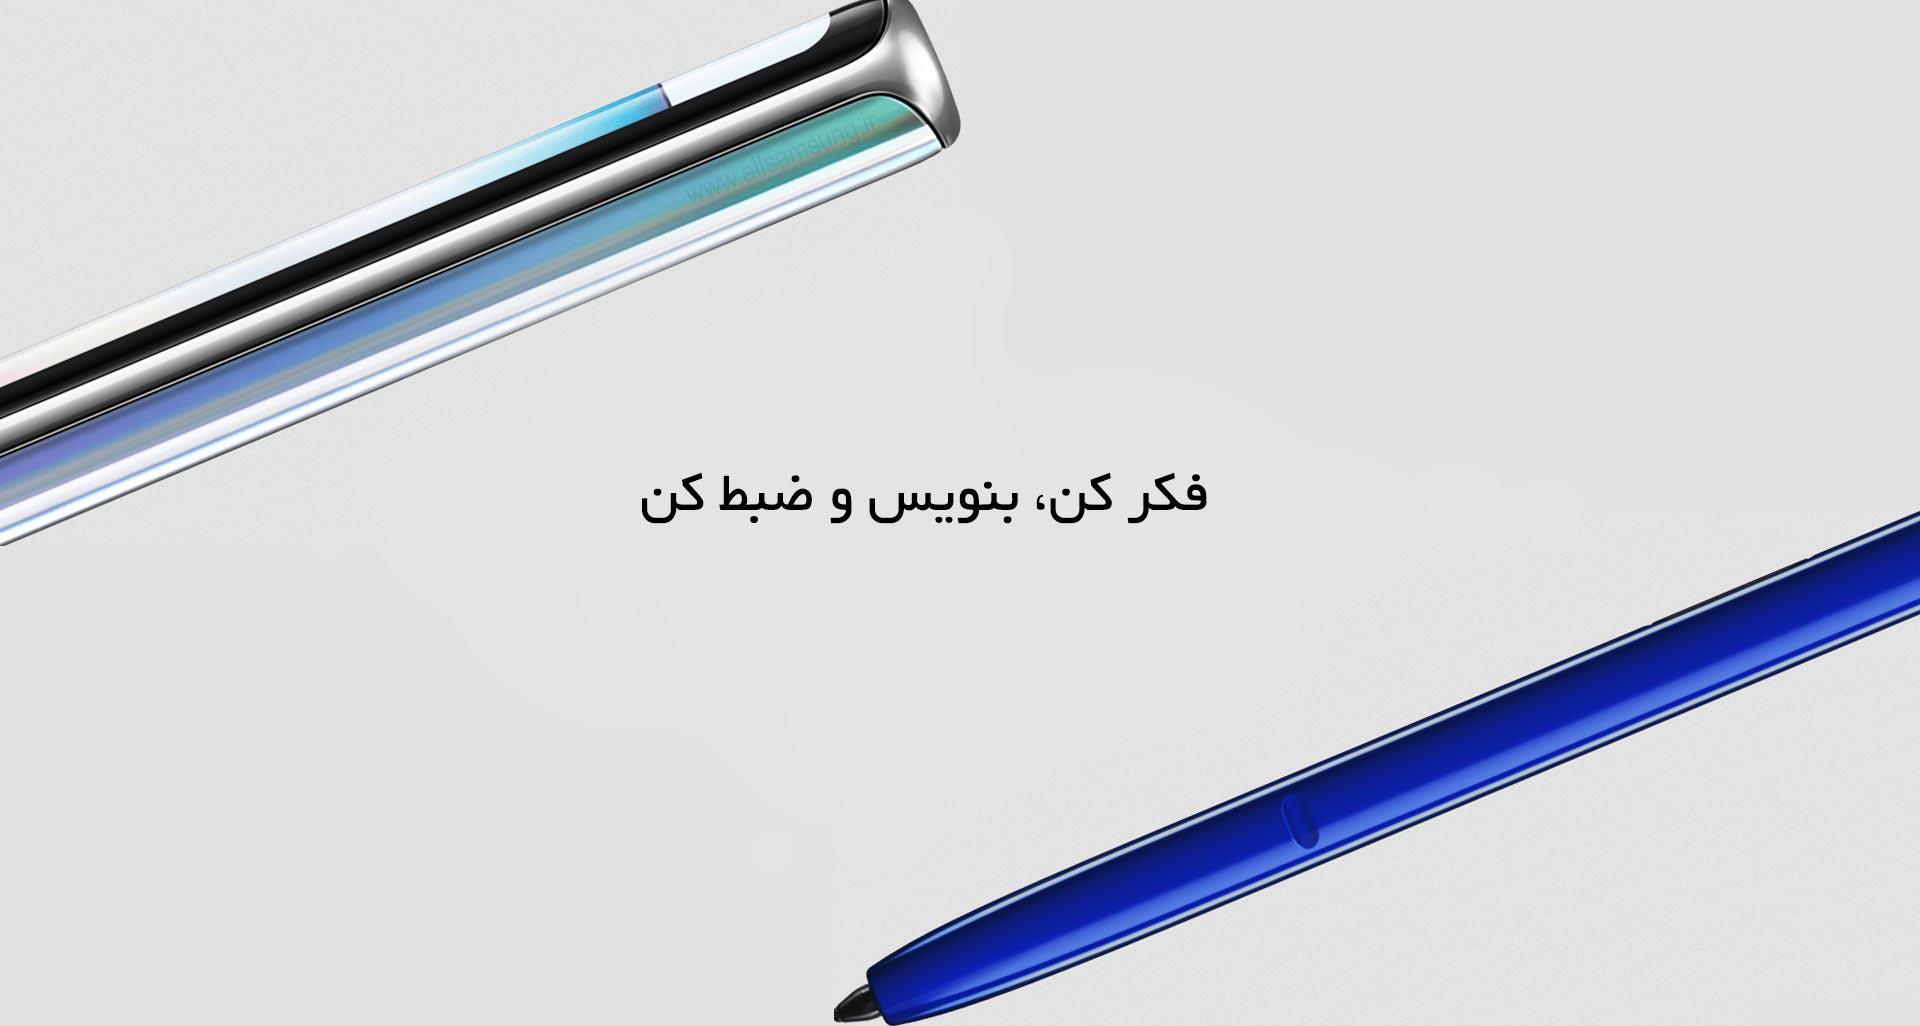 قلم s pen نوت 10 پلاس